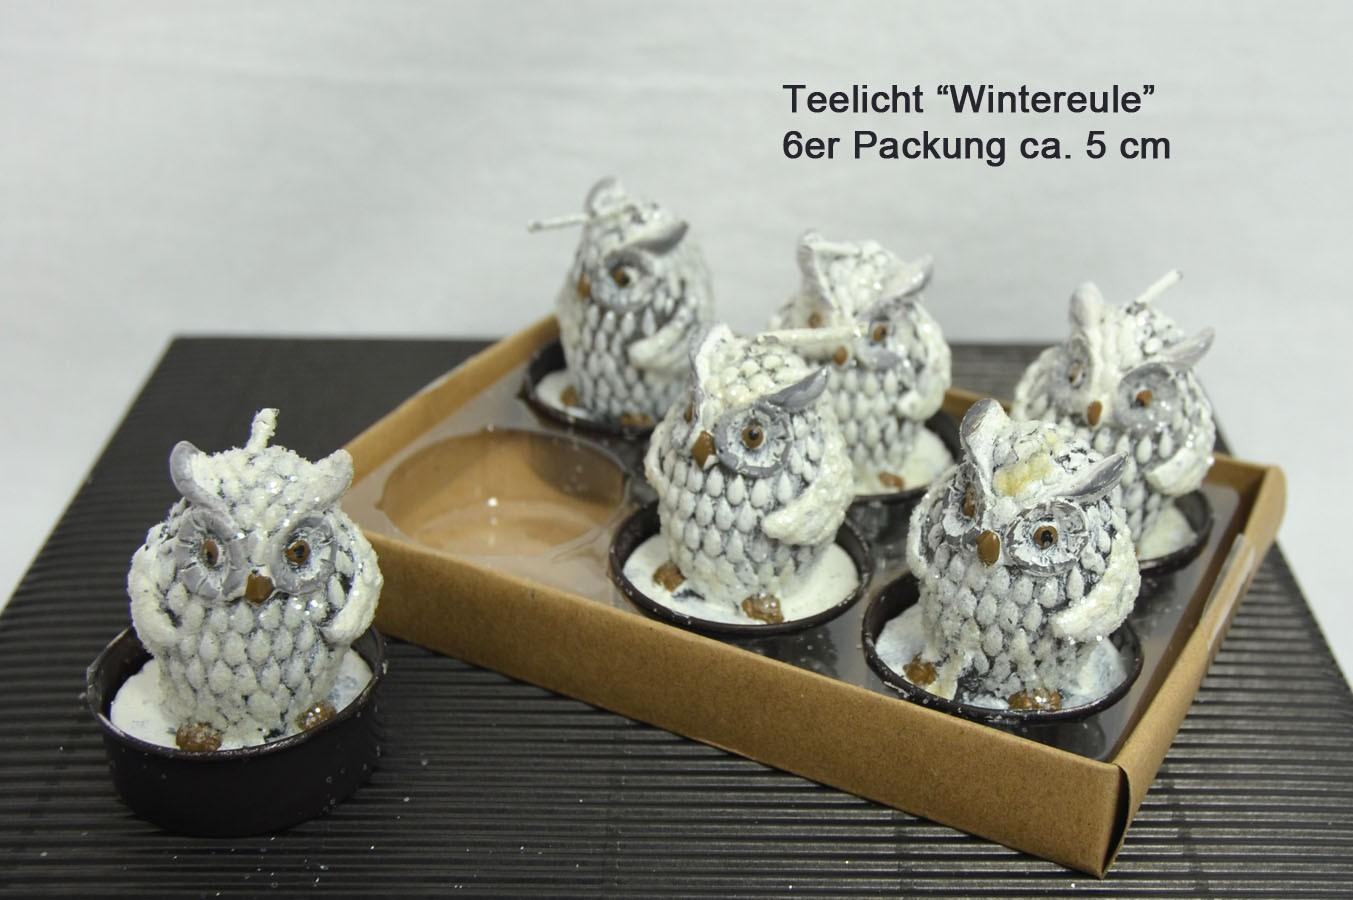 Teelichter Wintereule 6er Packung ca. 5 cm